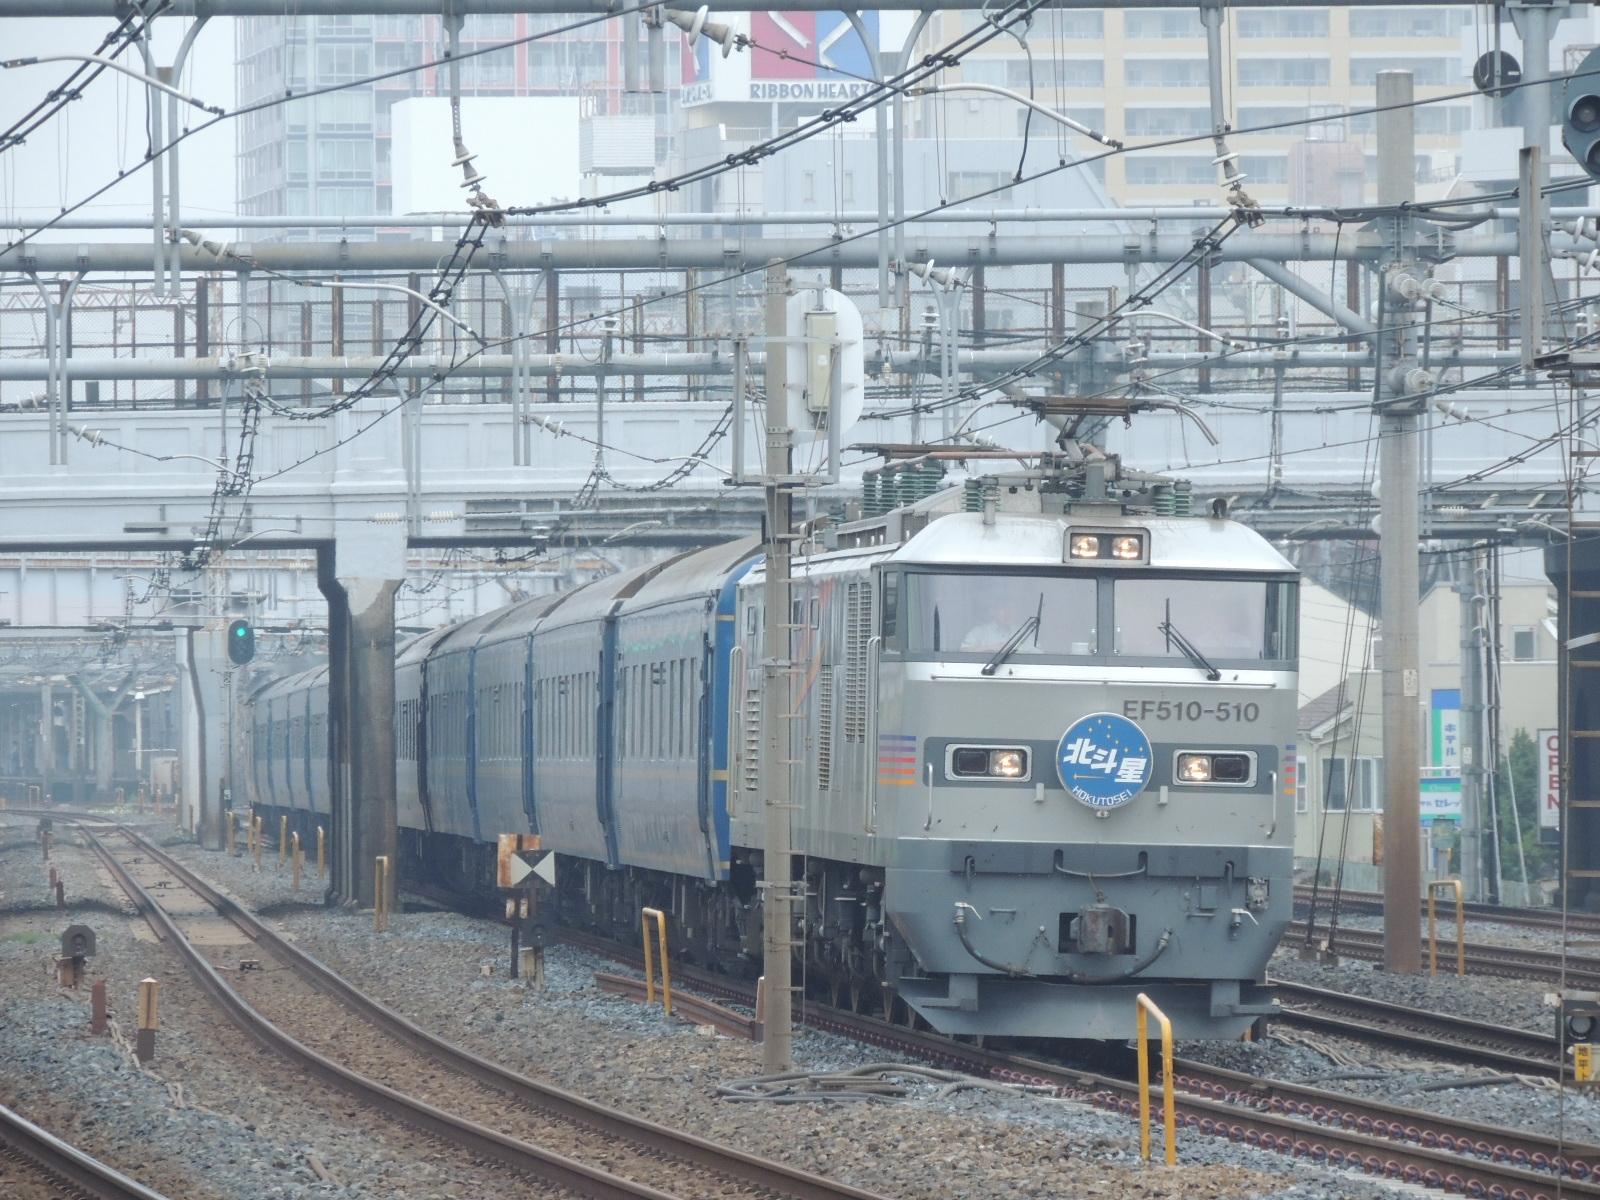 臨時寝台北斗星EF510-510牽引 鶯谷 (4)